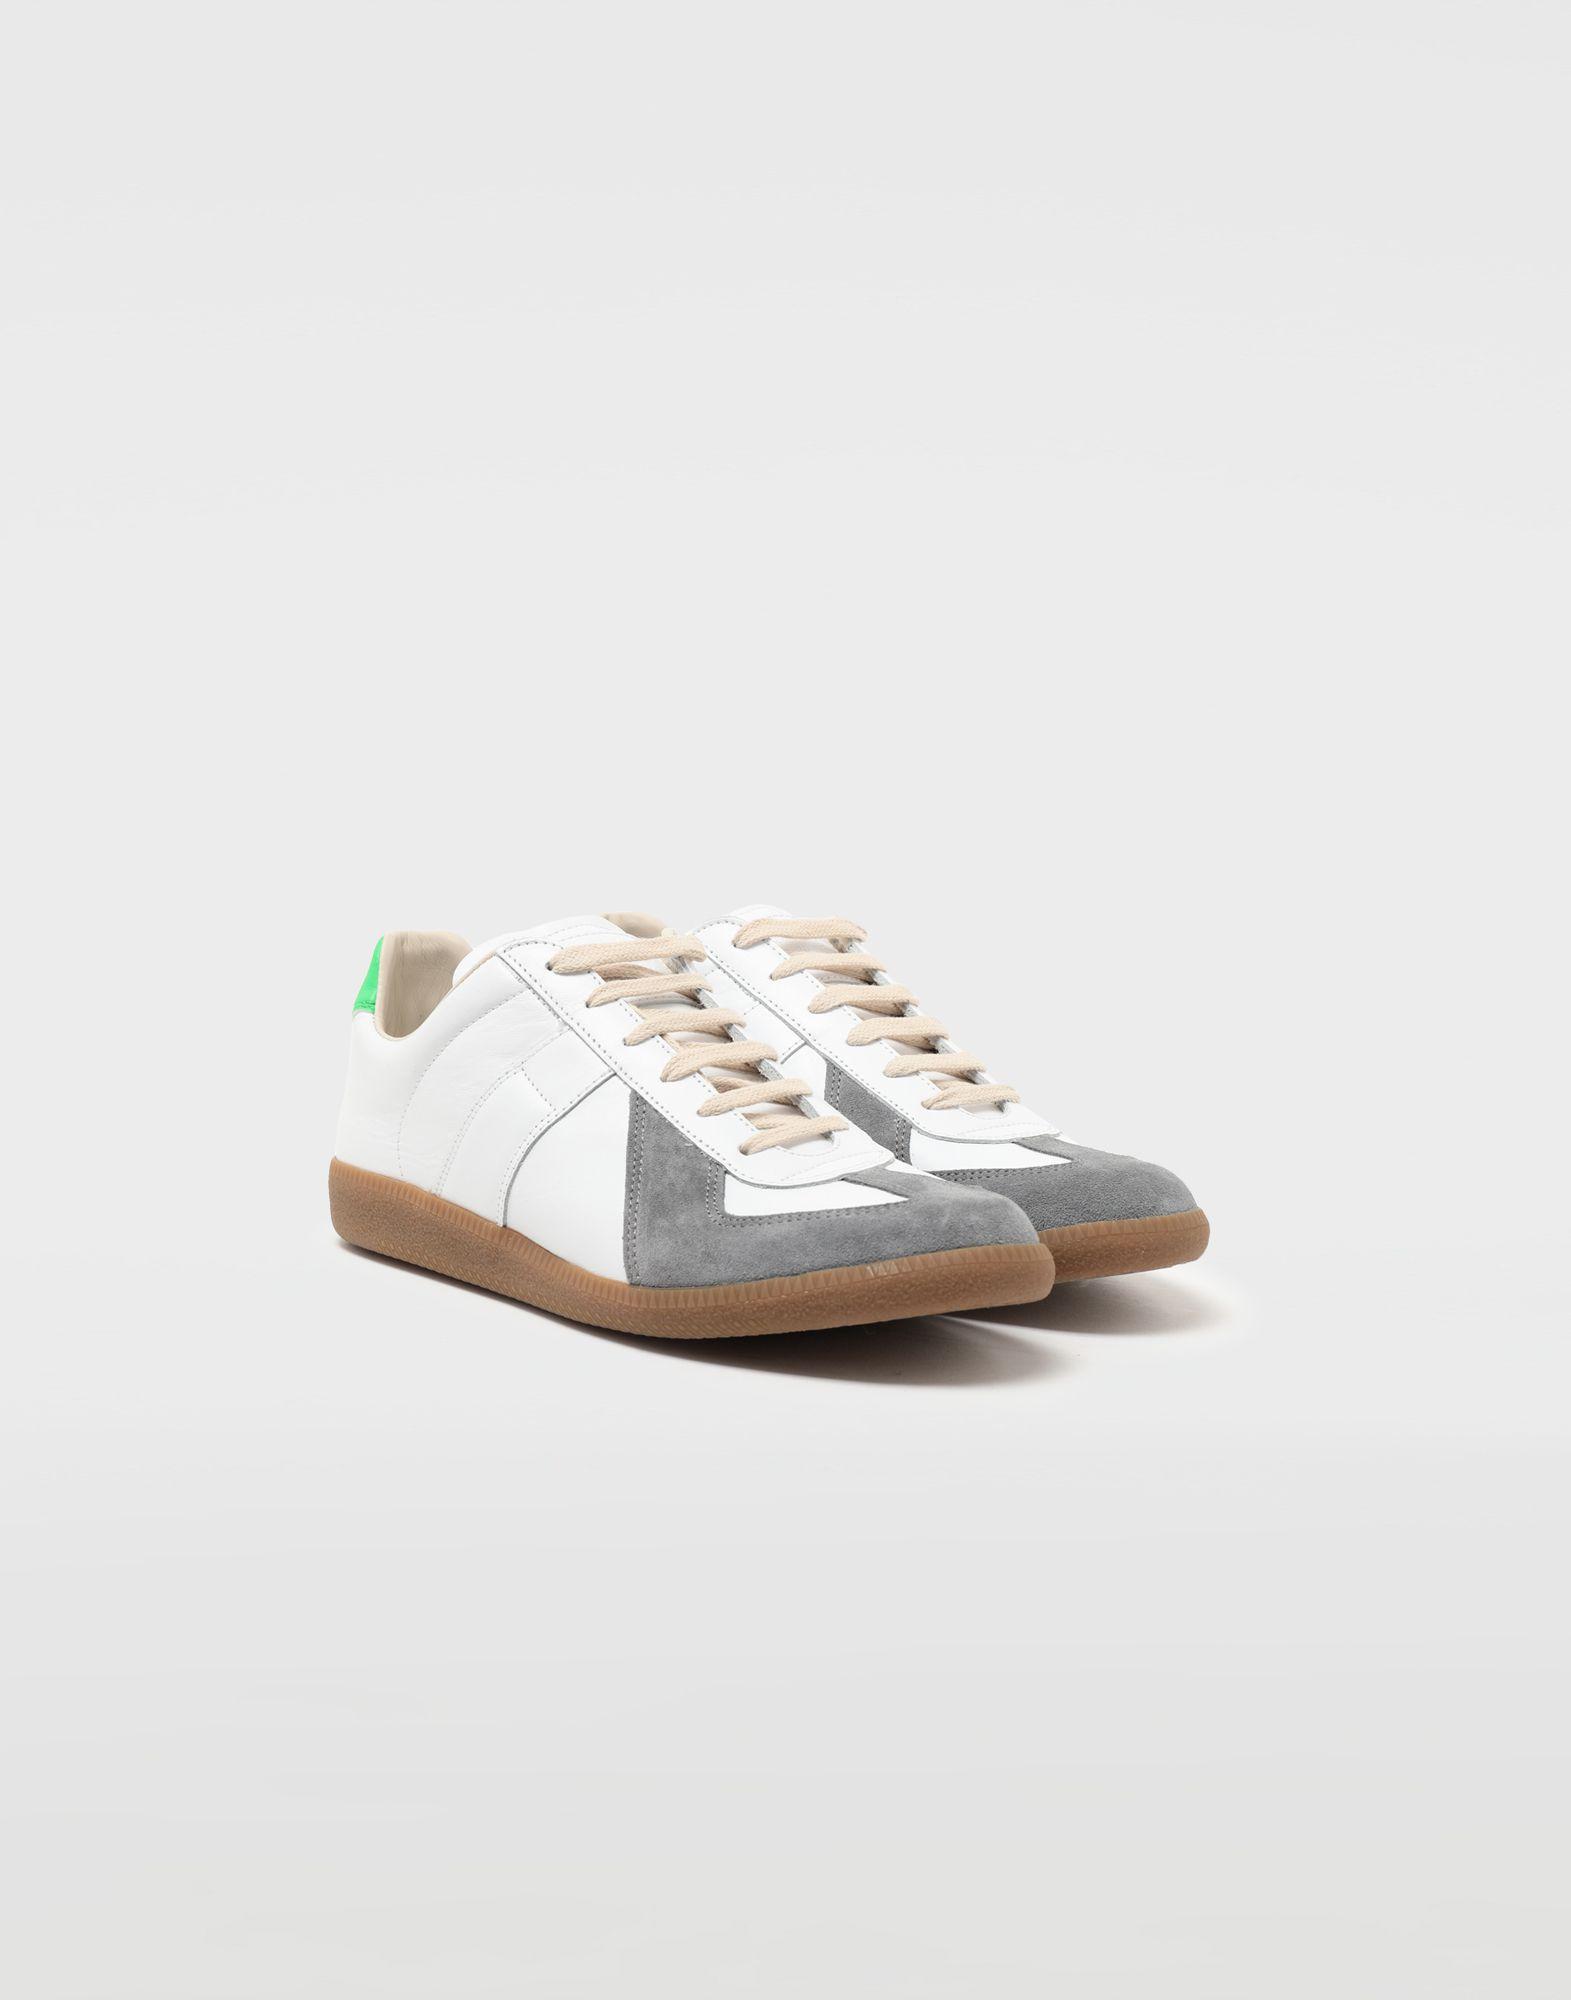 MAISON MARGIELA Low-Top-Sneakers Replica Sneakers Herren r